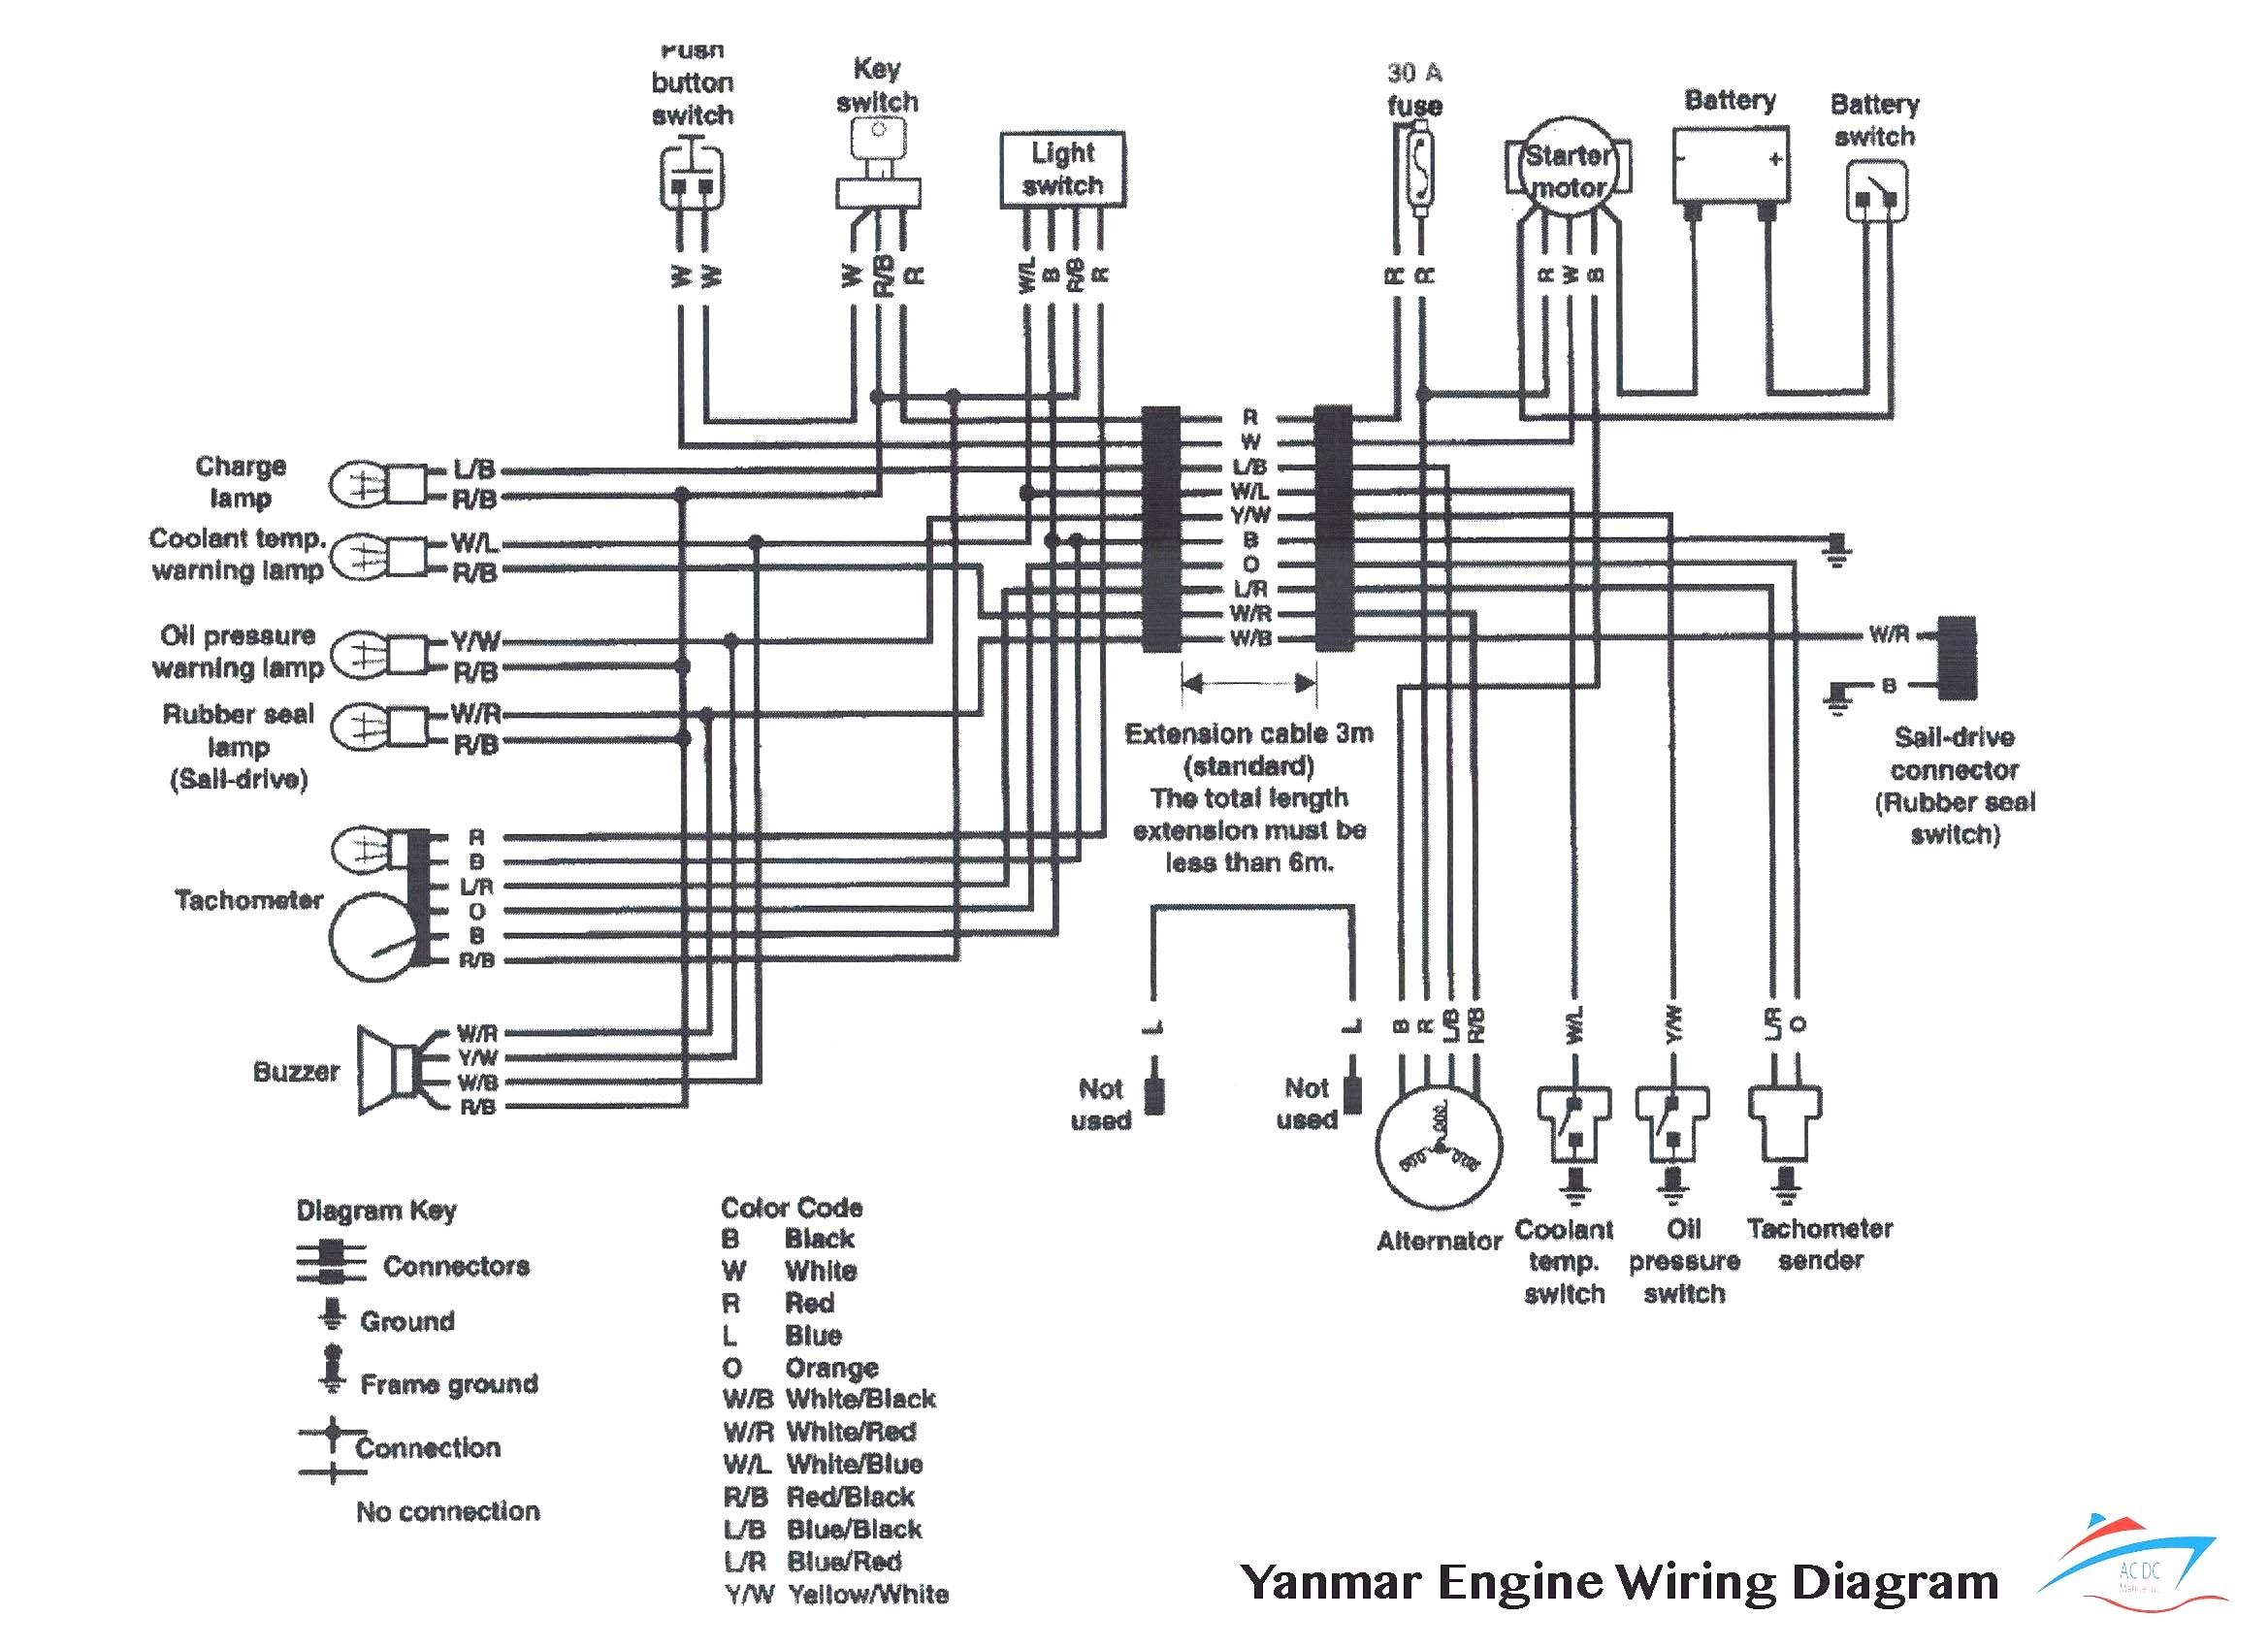 Vdo Gauges Wiring Diagrams Vdo Gauges Wiring Diagrams In B C with Notes Jpg Simple Diagram Of Vdo Gauges Wiring Diagrams